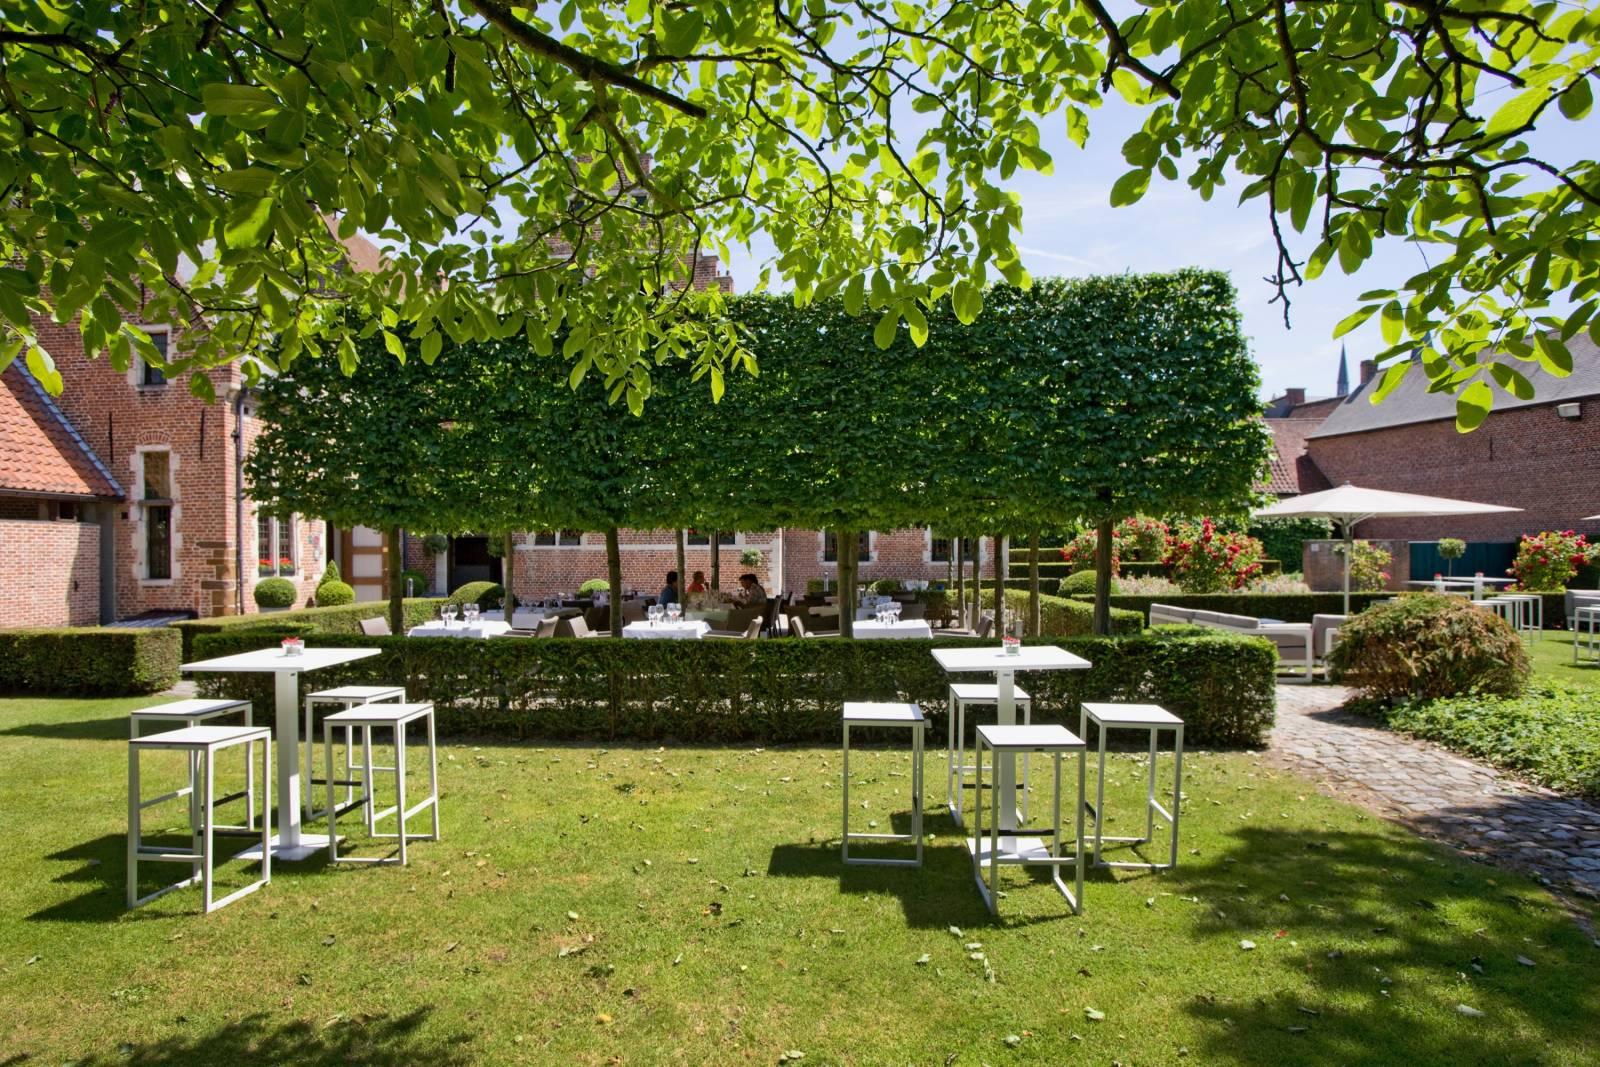 Faculty Club - Feestzaal - Feestlocatie - Rustiek - Historisch - Leuven (Vlaams-Brabant) - House of Events - 45